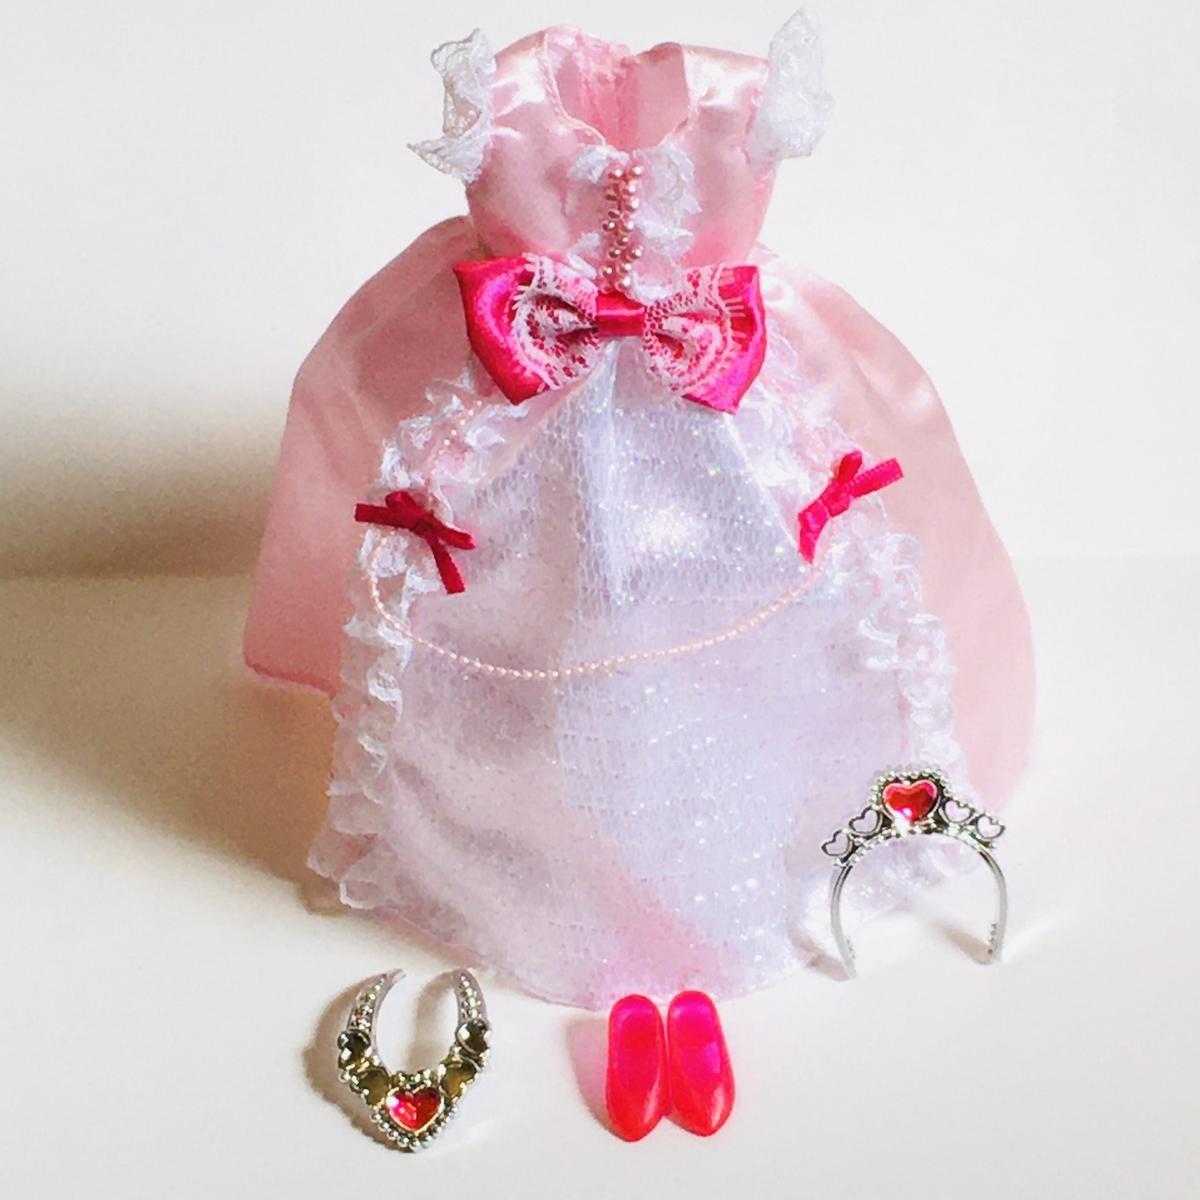 リカちゃんのドレスと靴とティアラとペンダントセット「プリンセスピンクリボン」を立たせたところ